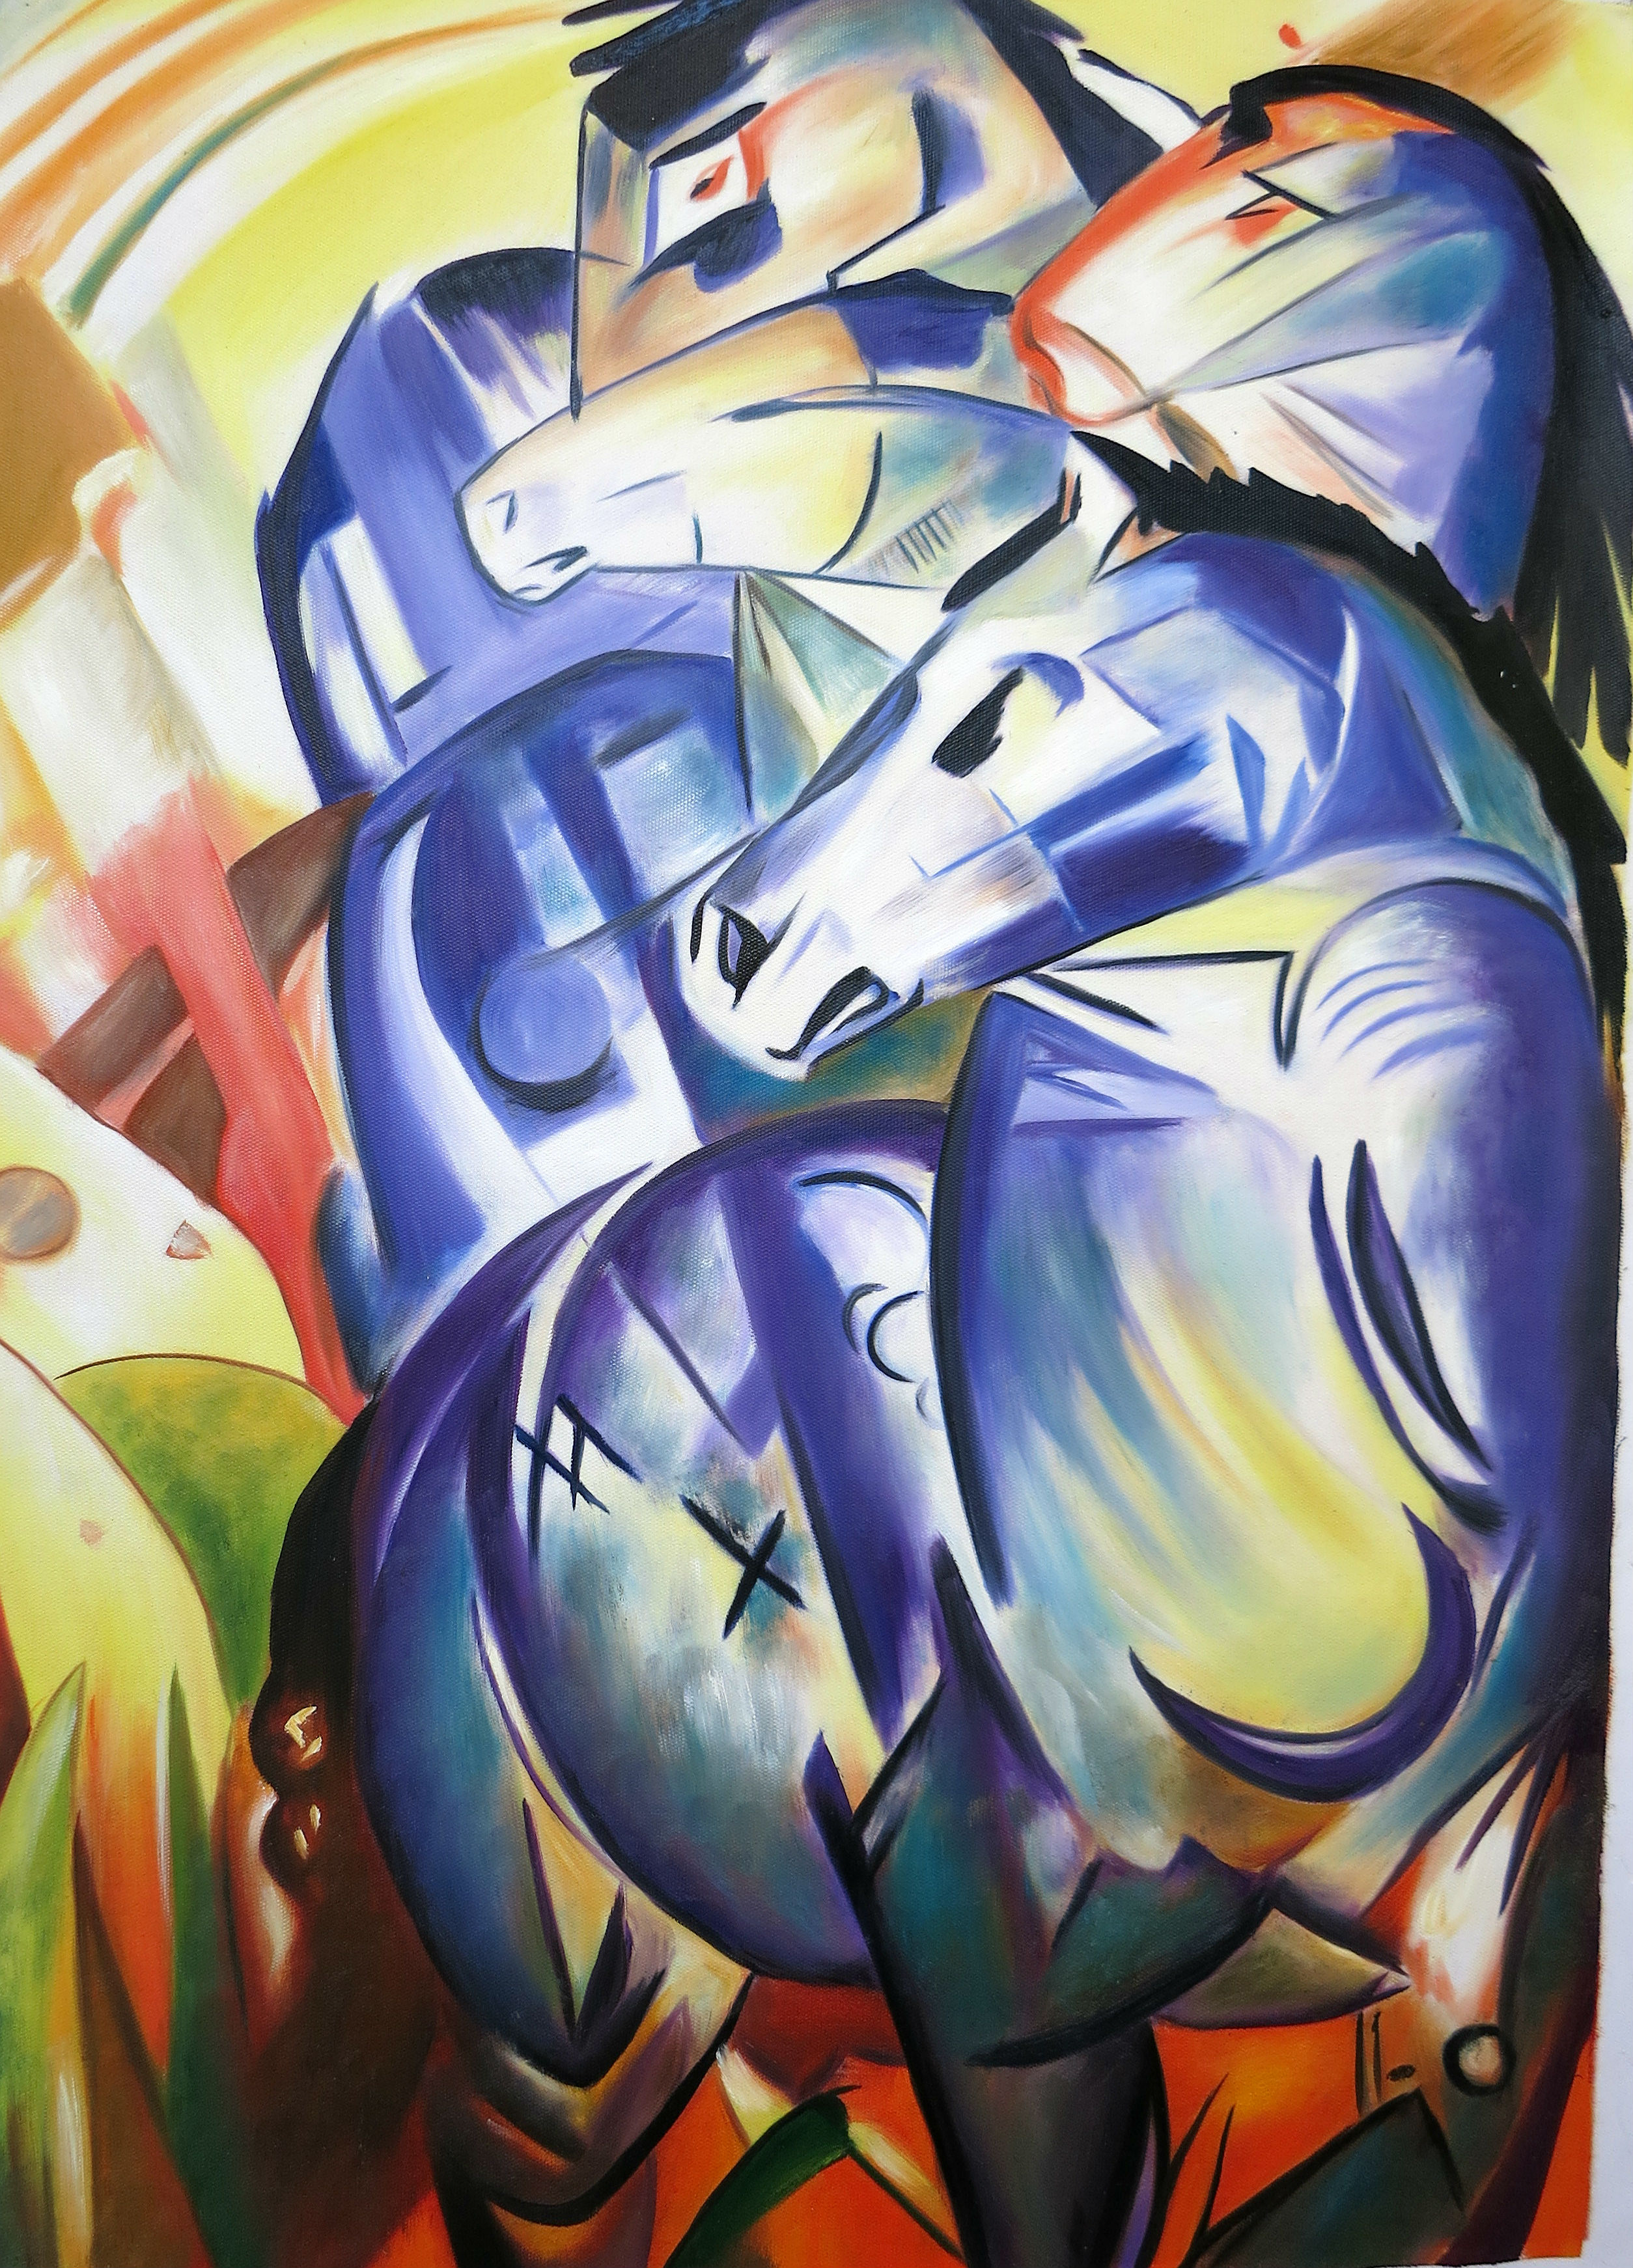 Reproduktion: Franz Marc, Turm der blauen Pferde, 210 Euro